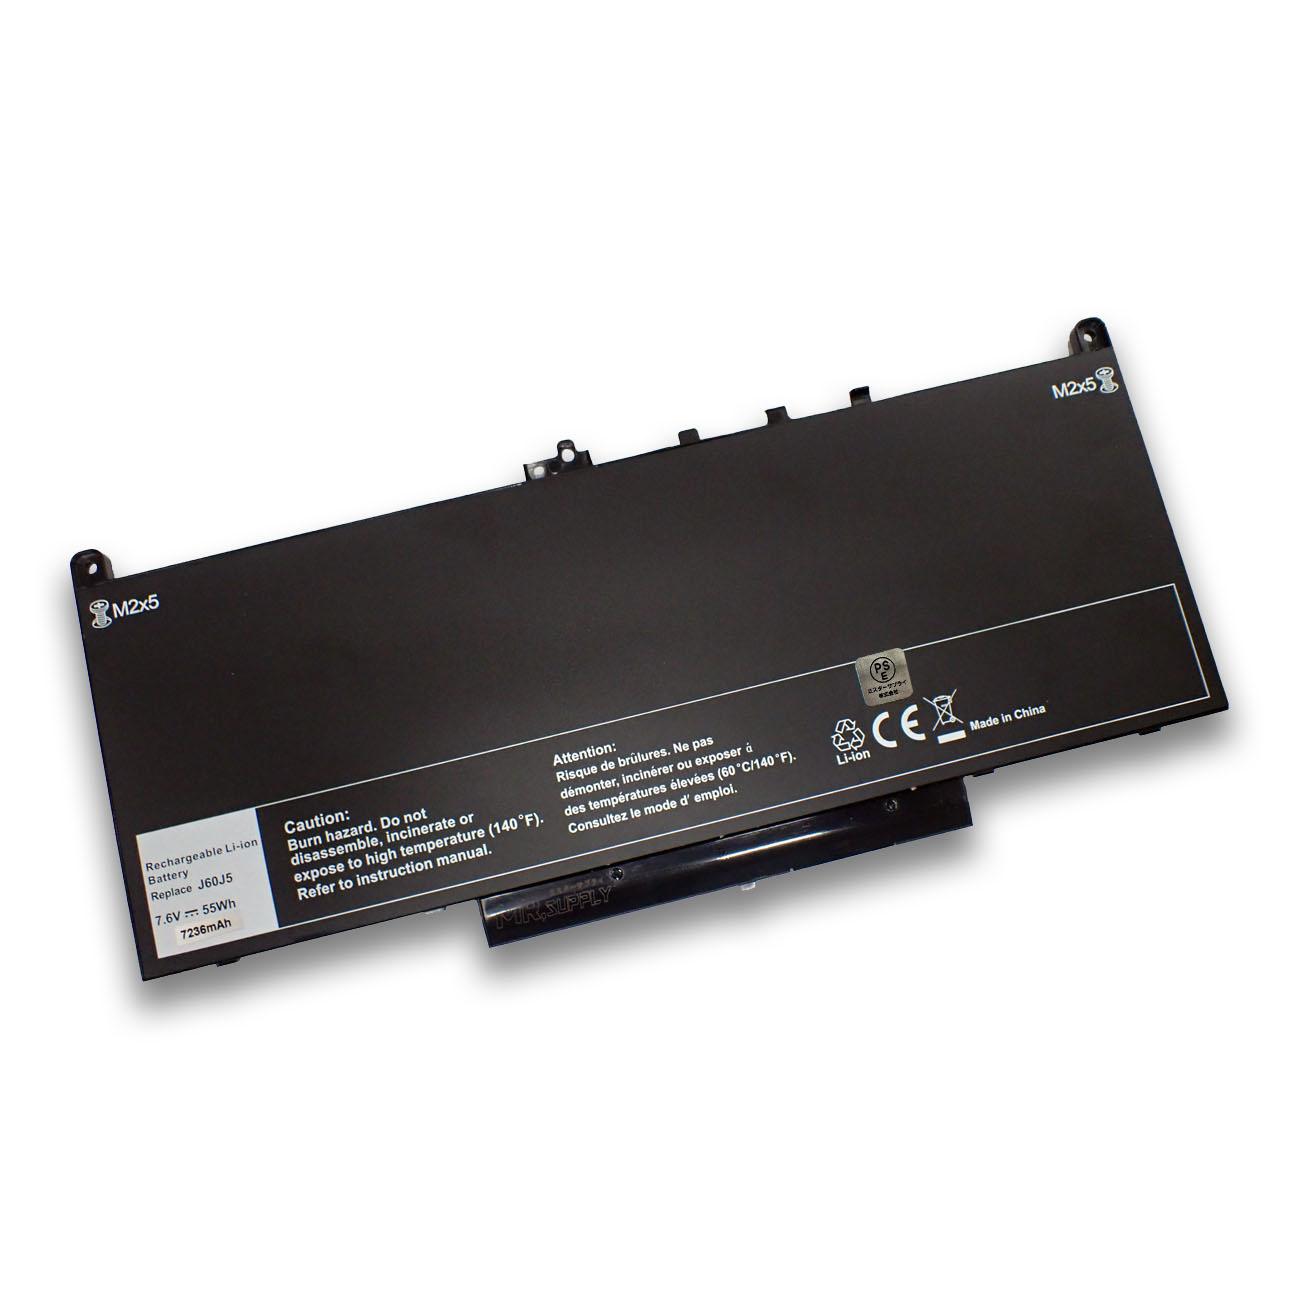 【全国送料無料】Dell デル Latitude 12 (E7270) 14 (E7470) 交換用バッテリー J60J5 1W2Y2 242WD MC34Y 対応